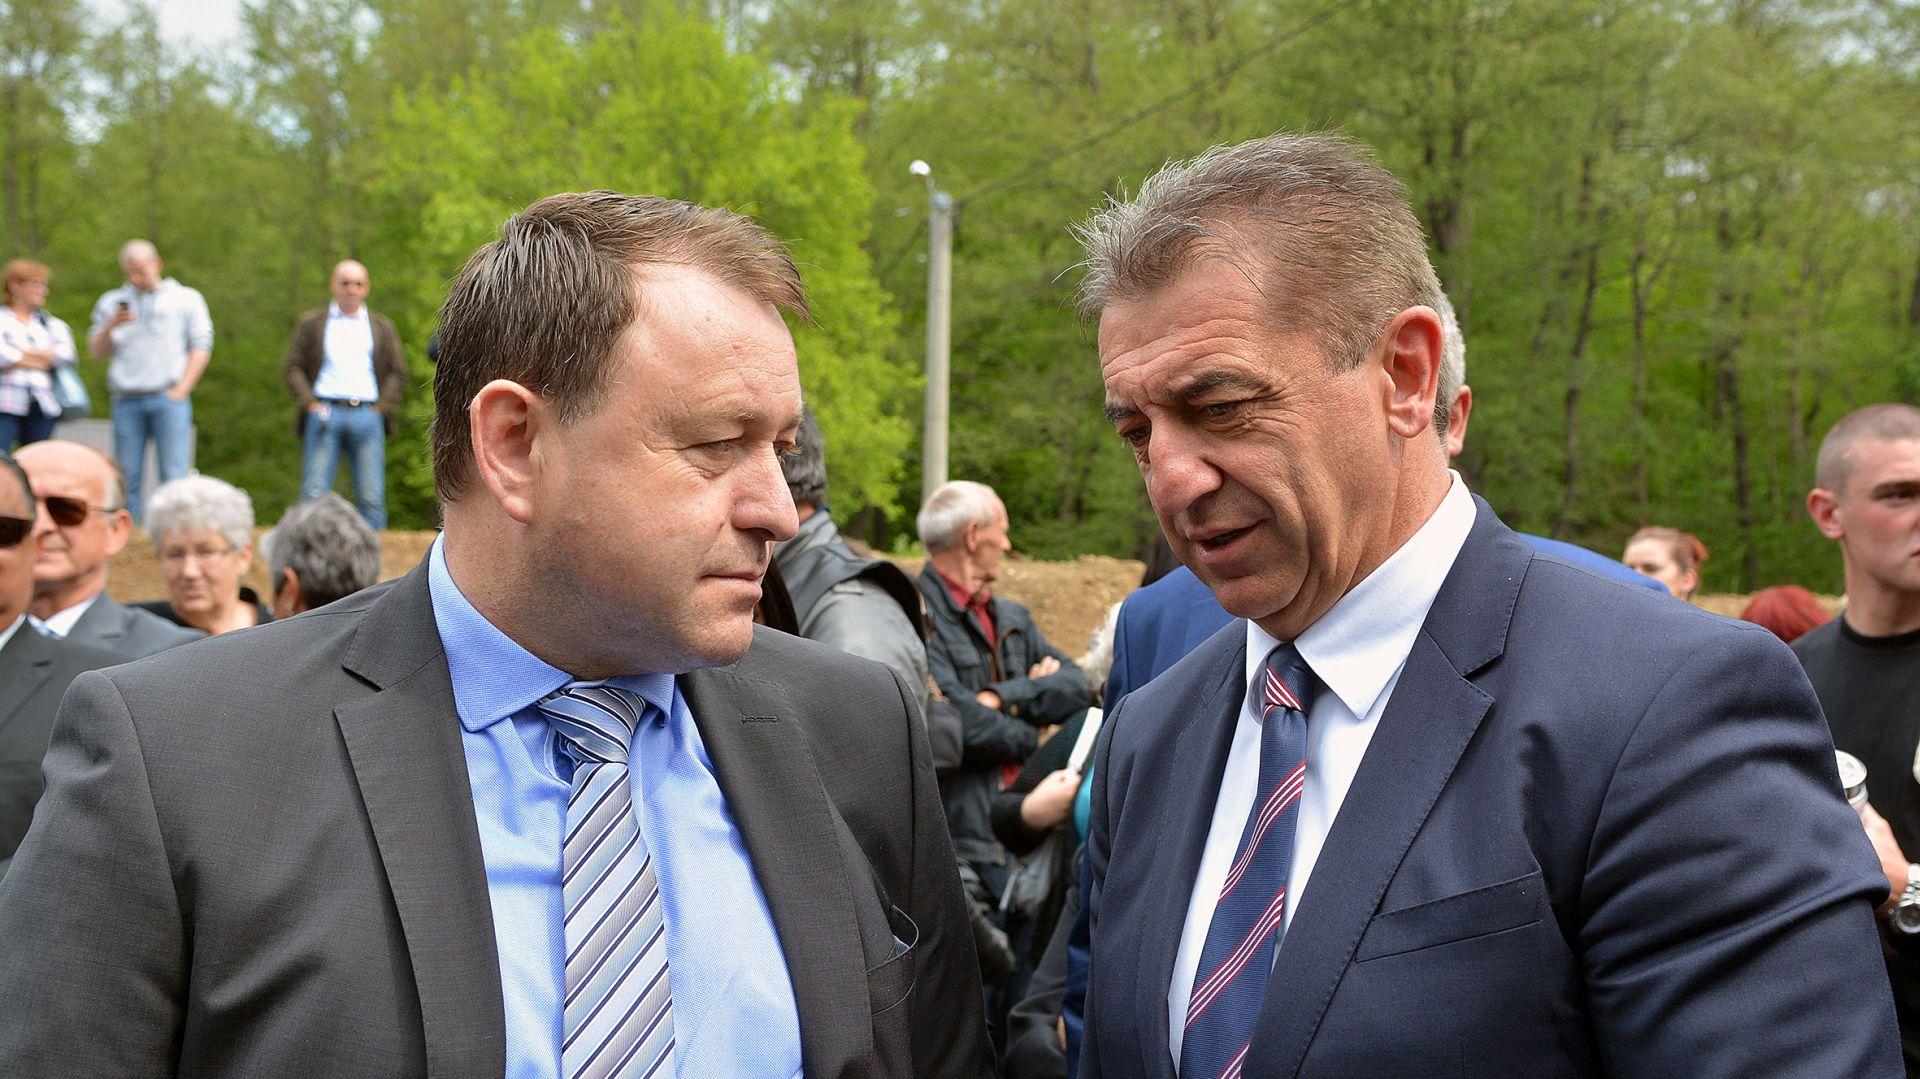 Župan Darko Milinović (HDZ) zatražio mirovanje zastupničkog mandata